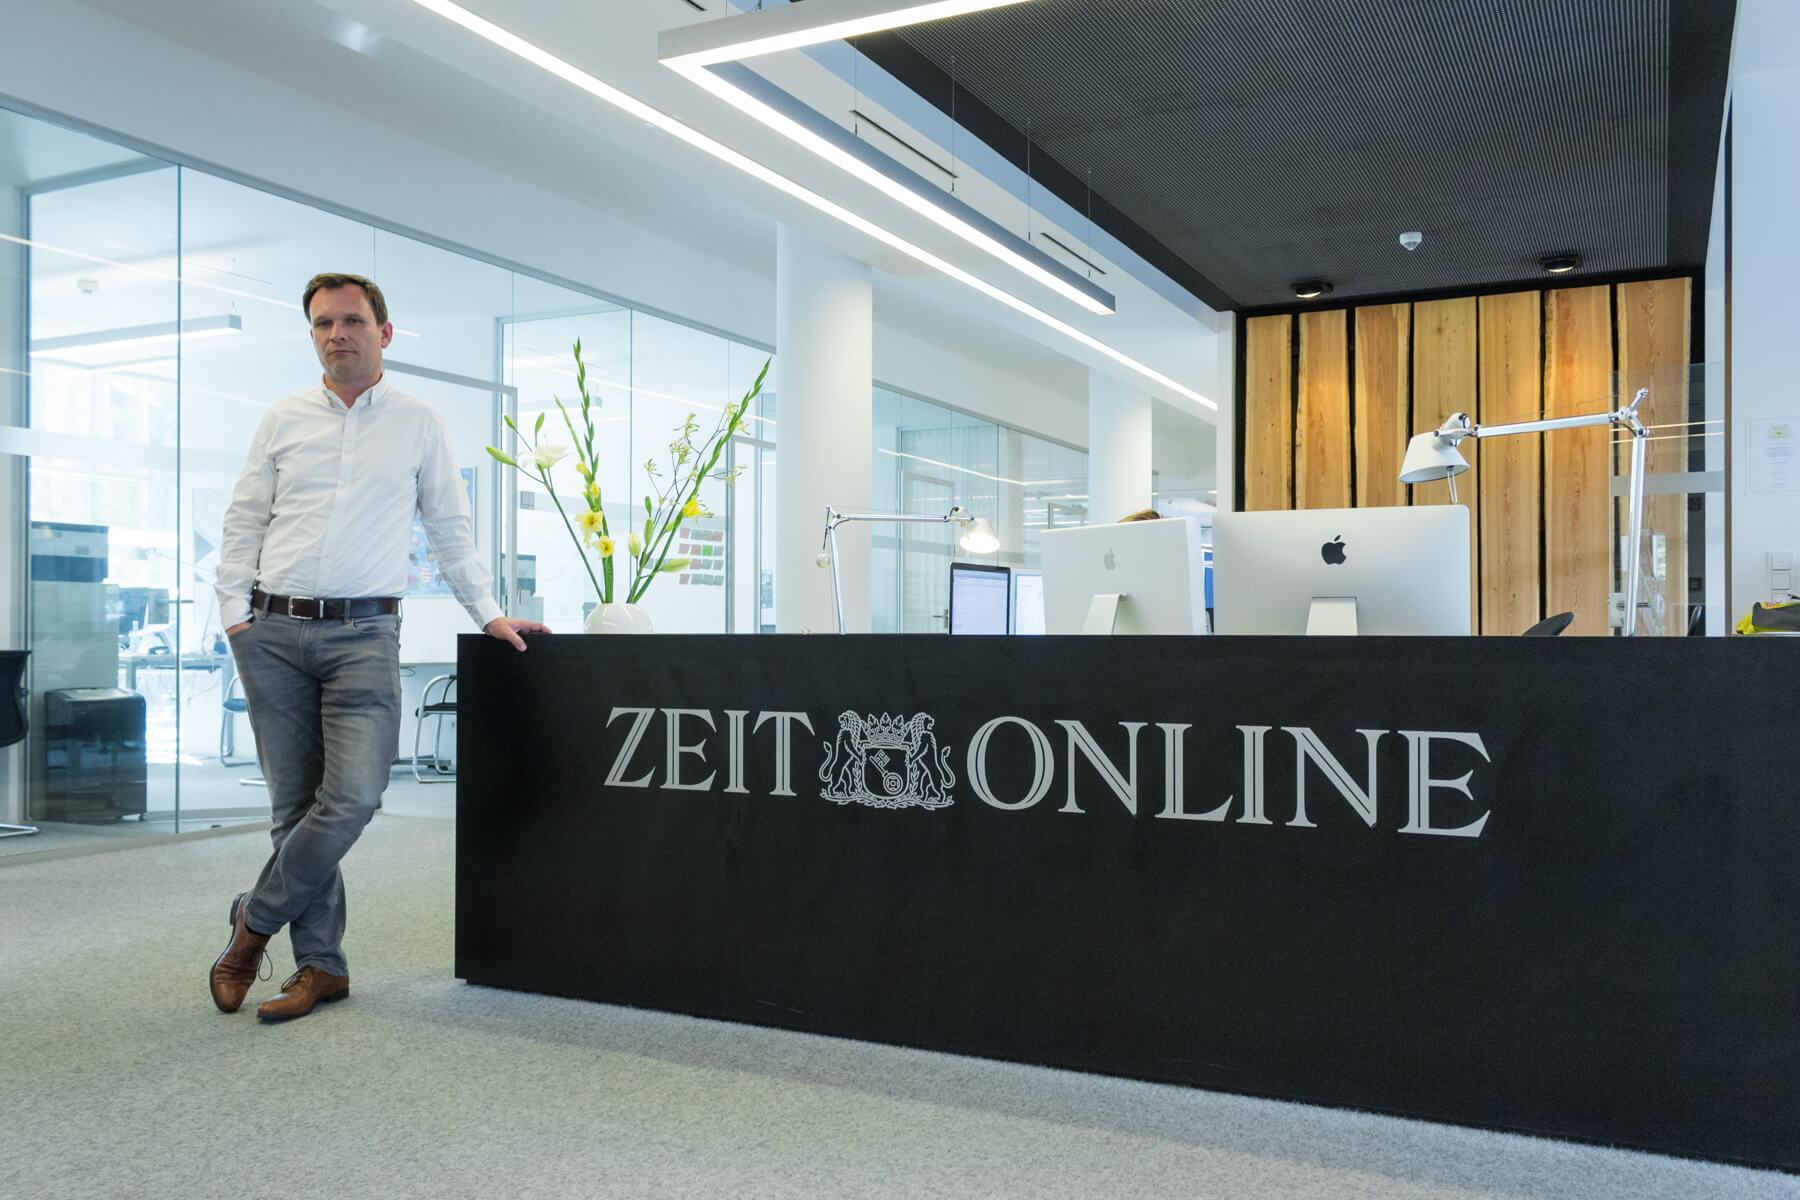 Digitale Leute - Michael Schultheiß - Zeit Online - Der empfangstresen bei Zeit Online in Berlin.